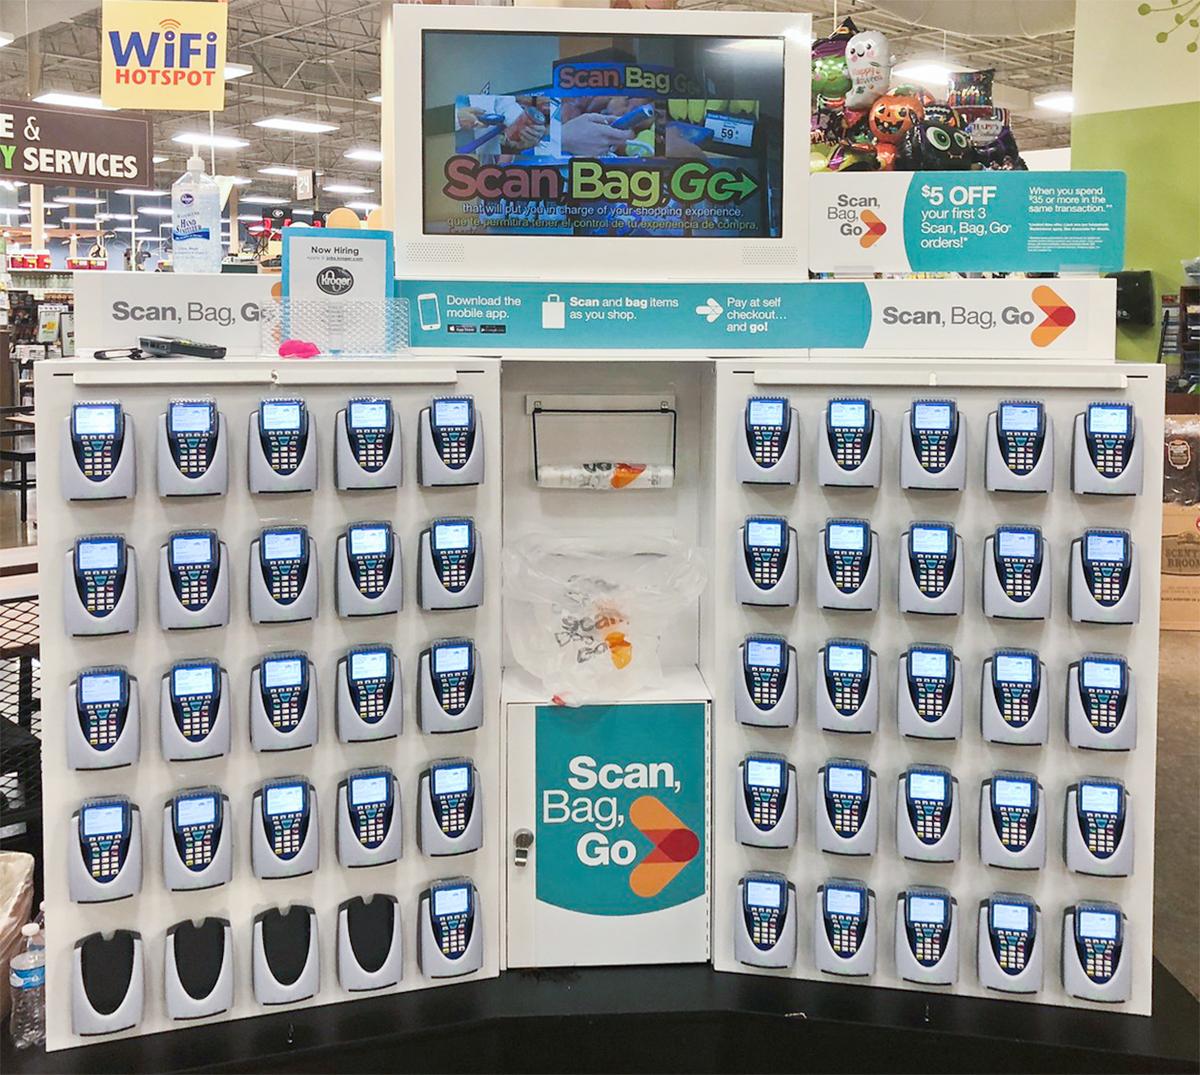 kroger scan bag go program – kiosk